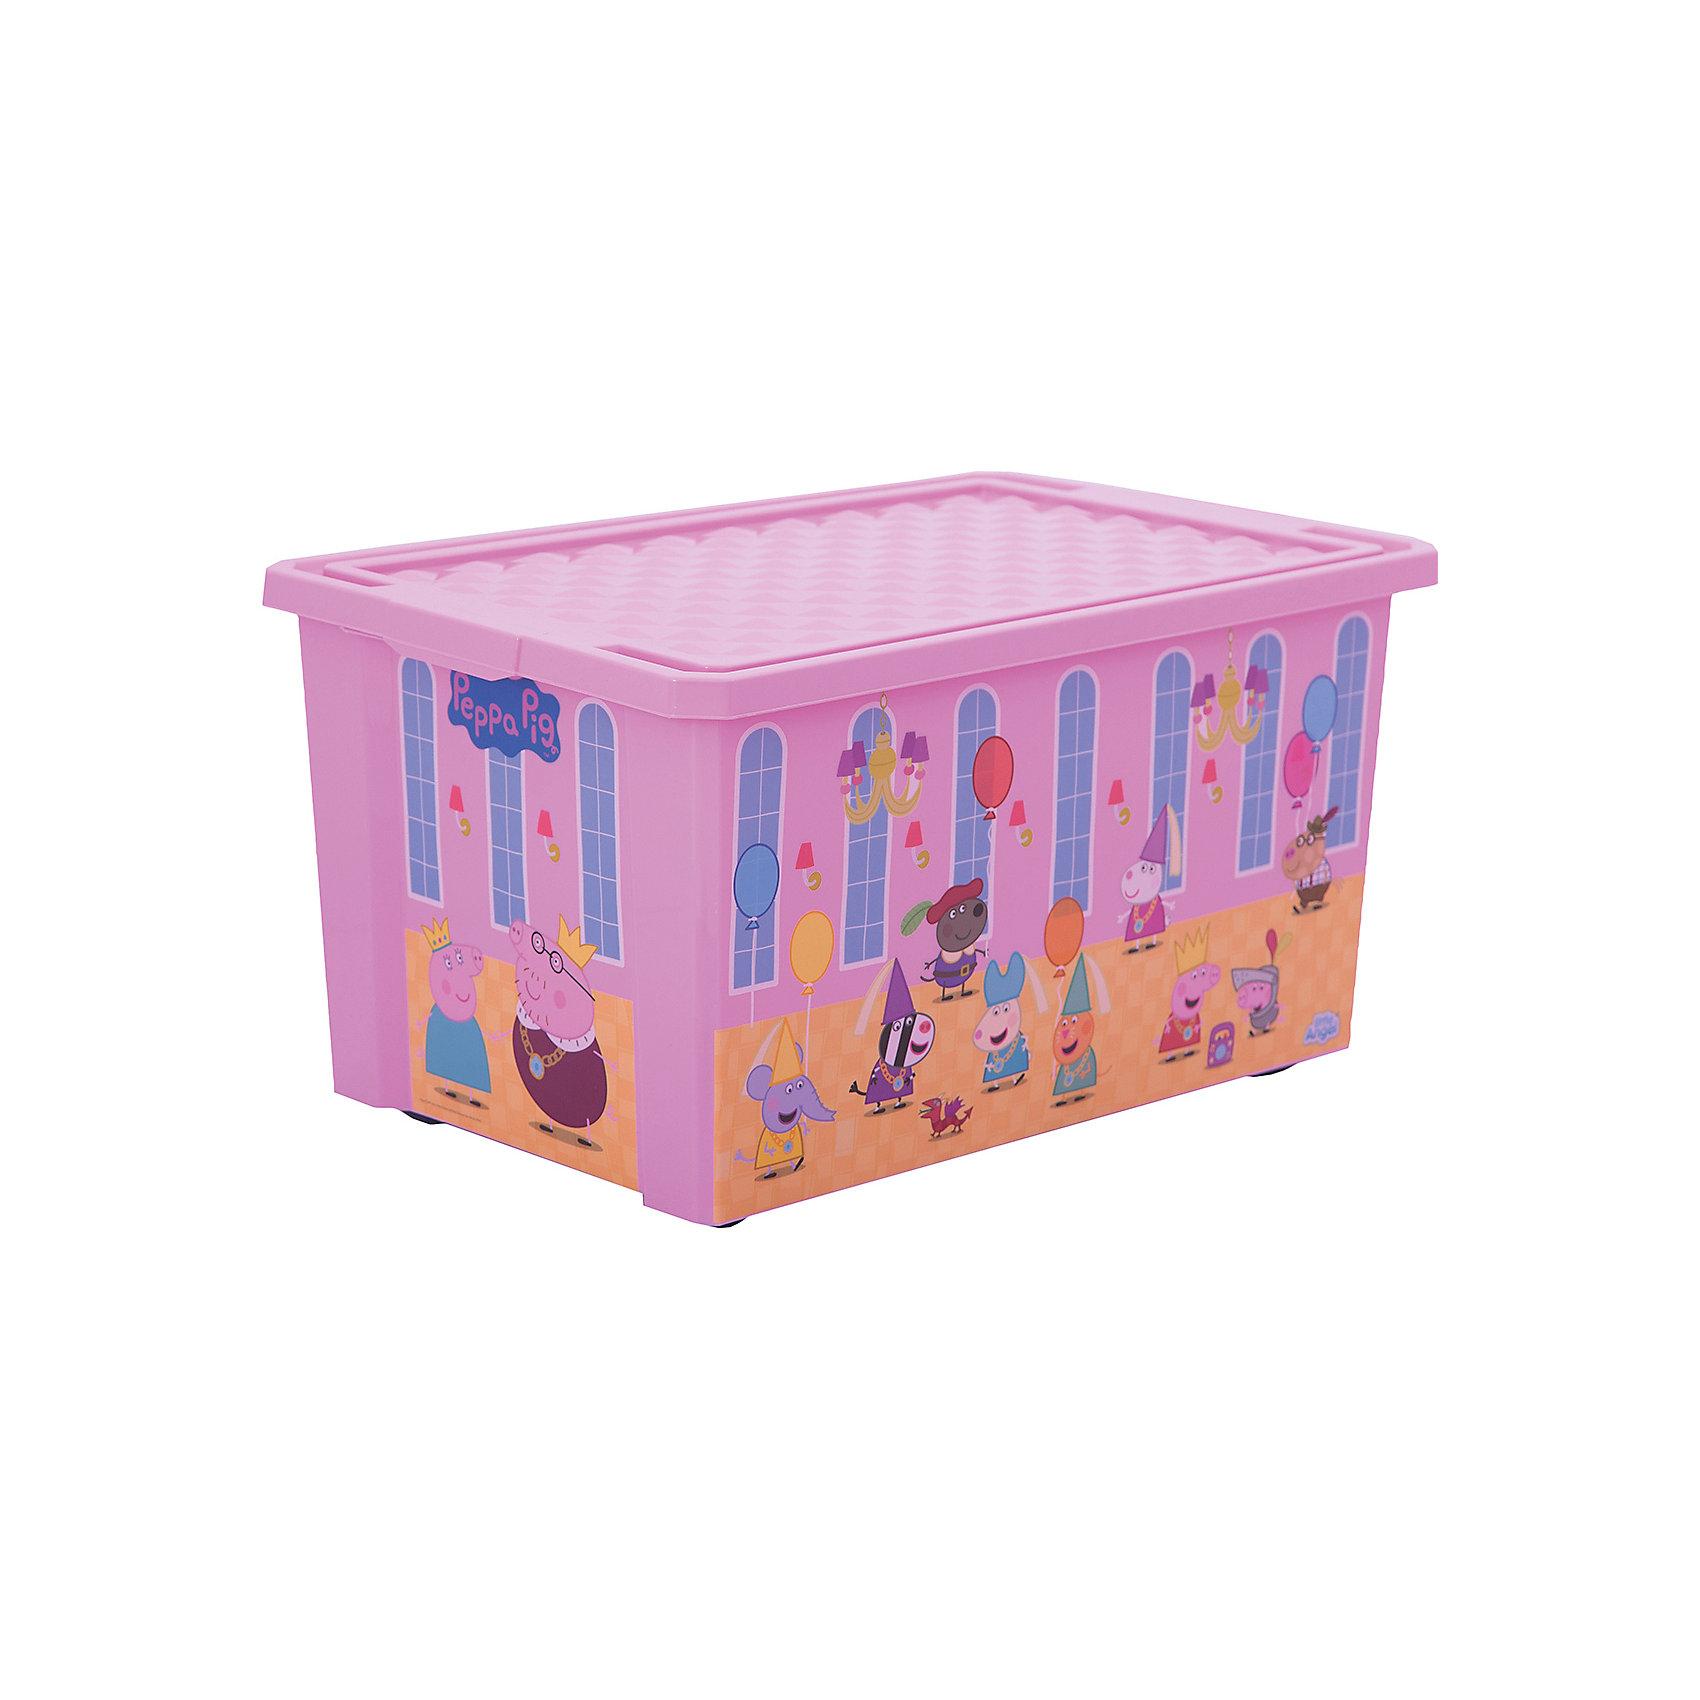 Ящик для хранения игрушек X-BOX Свинка Пеппа 57л, Little Angel, розовыйПорядок в детской<br>Лучшее решение для поддержания порядка в детской – это большой ящик на колесах. Все игрушки собраны в одном месте, ящик плотно закрывается крышкой, его всегда можно с легкостью переместить. Яркие декоры с любимыми героями наполнят детскую радостью и помогут приучить малыша к порядку. Преимущества: эксклюзивные декоры с любимыми героями; эффективные колеса-роллеры на дне; надежная крышка с привлекательной текстурой; возможность штабелирования ящиков друг на друга; декор размещен на всех сторонах ящика.<br><br>Ширина мм: 610<br>Глубина мм: 405<br>Высота мм: 330<br>Вес г: 2000<br>Возраст от месяцев: 24<br>Возраст до месяцев: 72<br>Пол: Женский<br>Возраст: Детский<br>SKU: 4976090